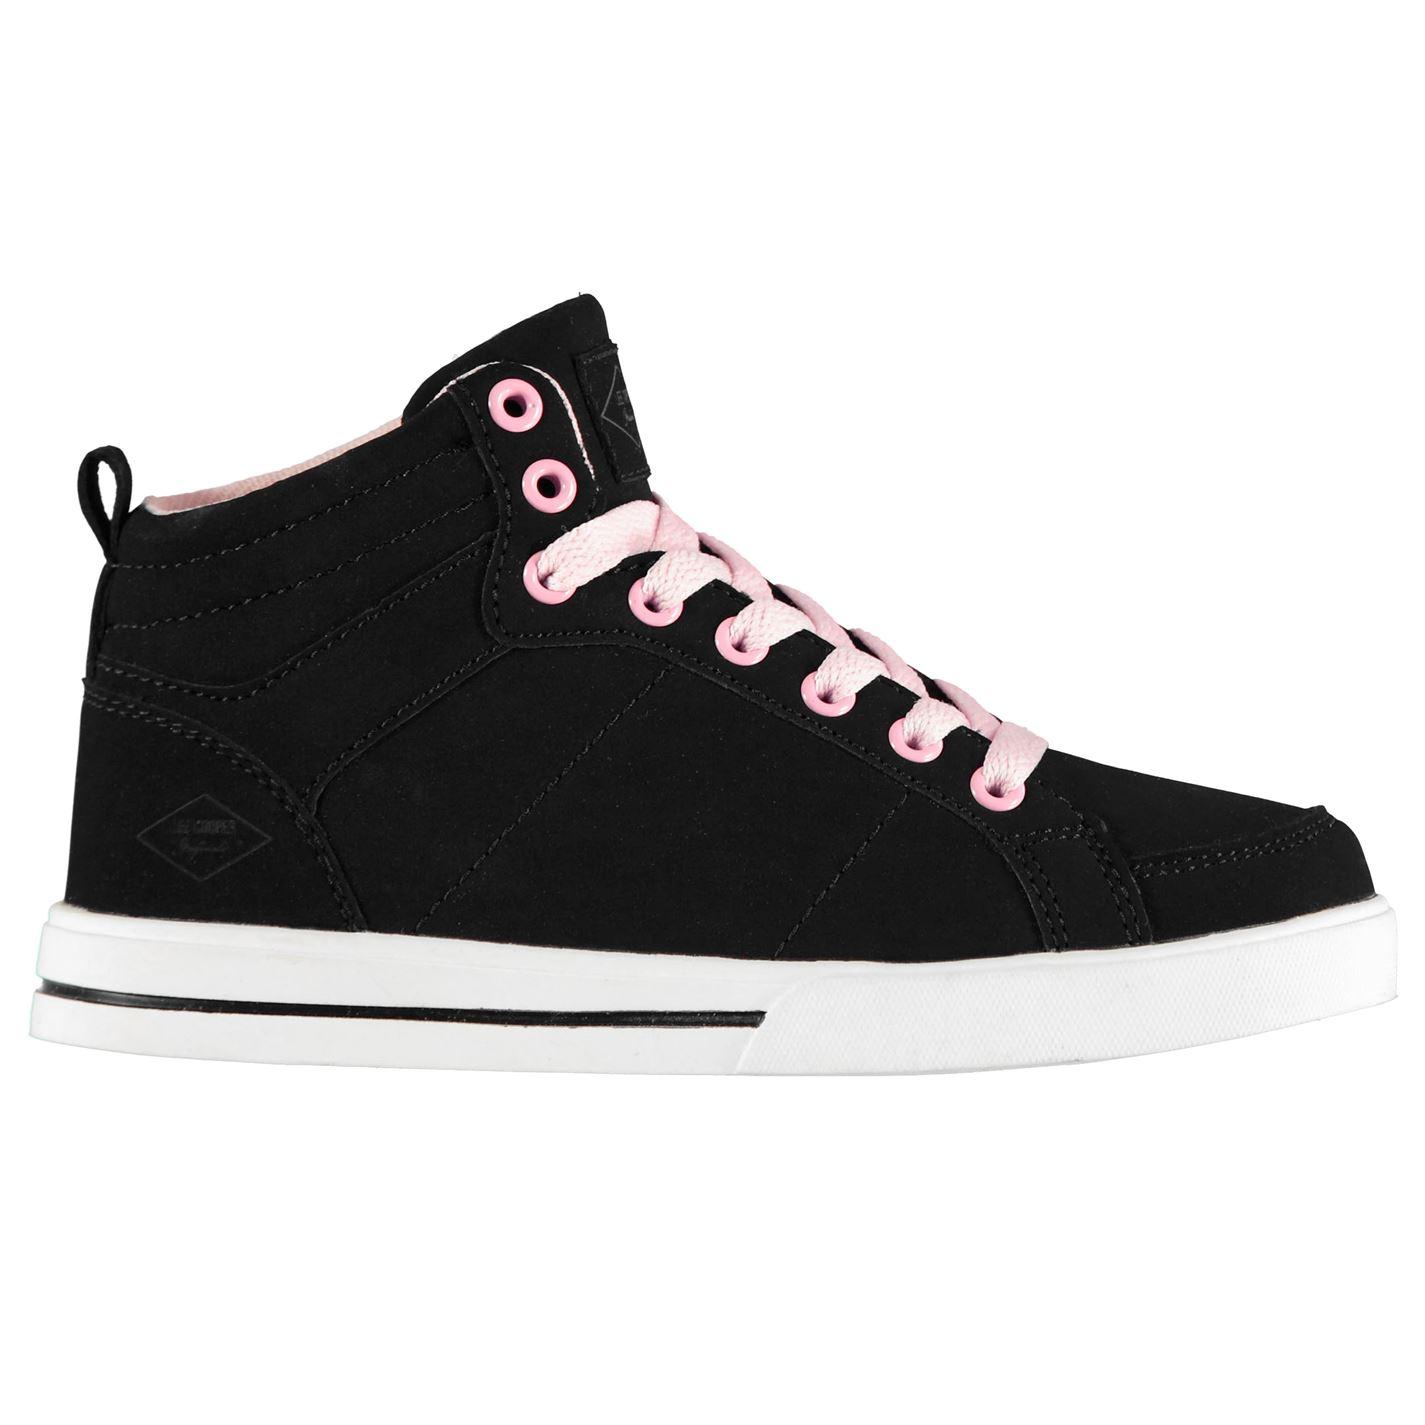 Lee Cooper Mens Canvas Hi Top Shoes Plimsolls Plimsoles Fashion Trainers Lace Up